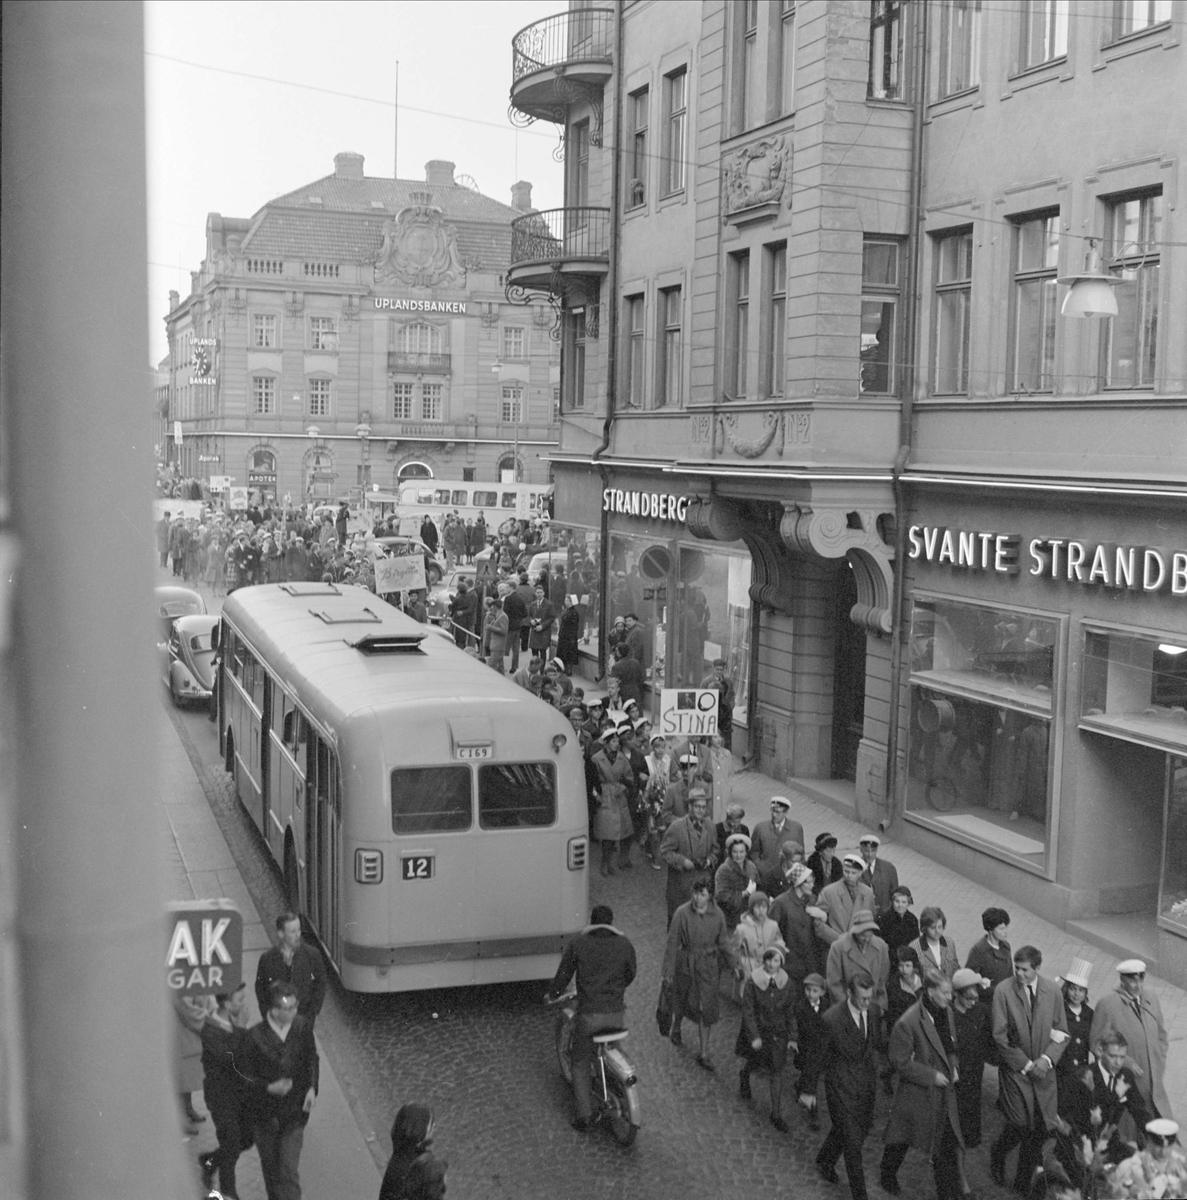 Drottninggatan vid Svante Strandbergs sybehörsaffär i kvarteret Näktergalan, Dragarbrunn, Uppsala i april 1962